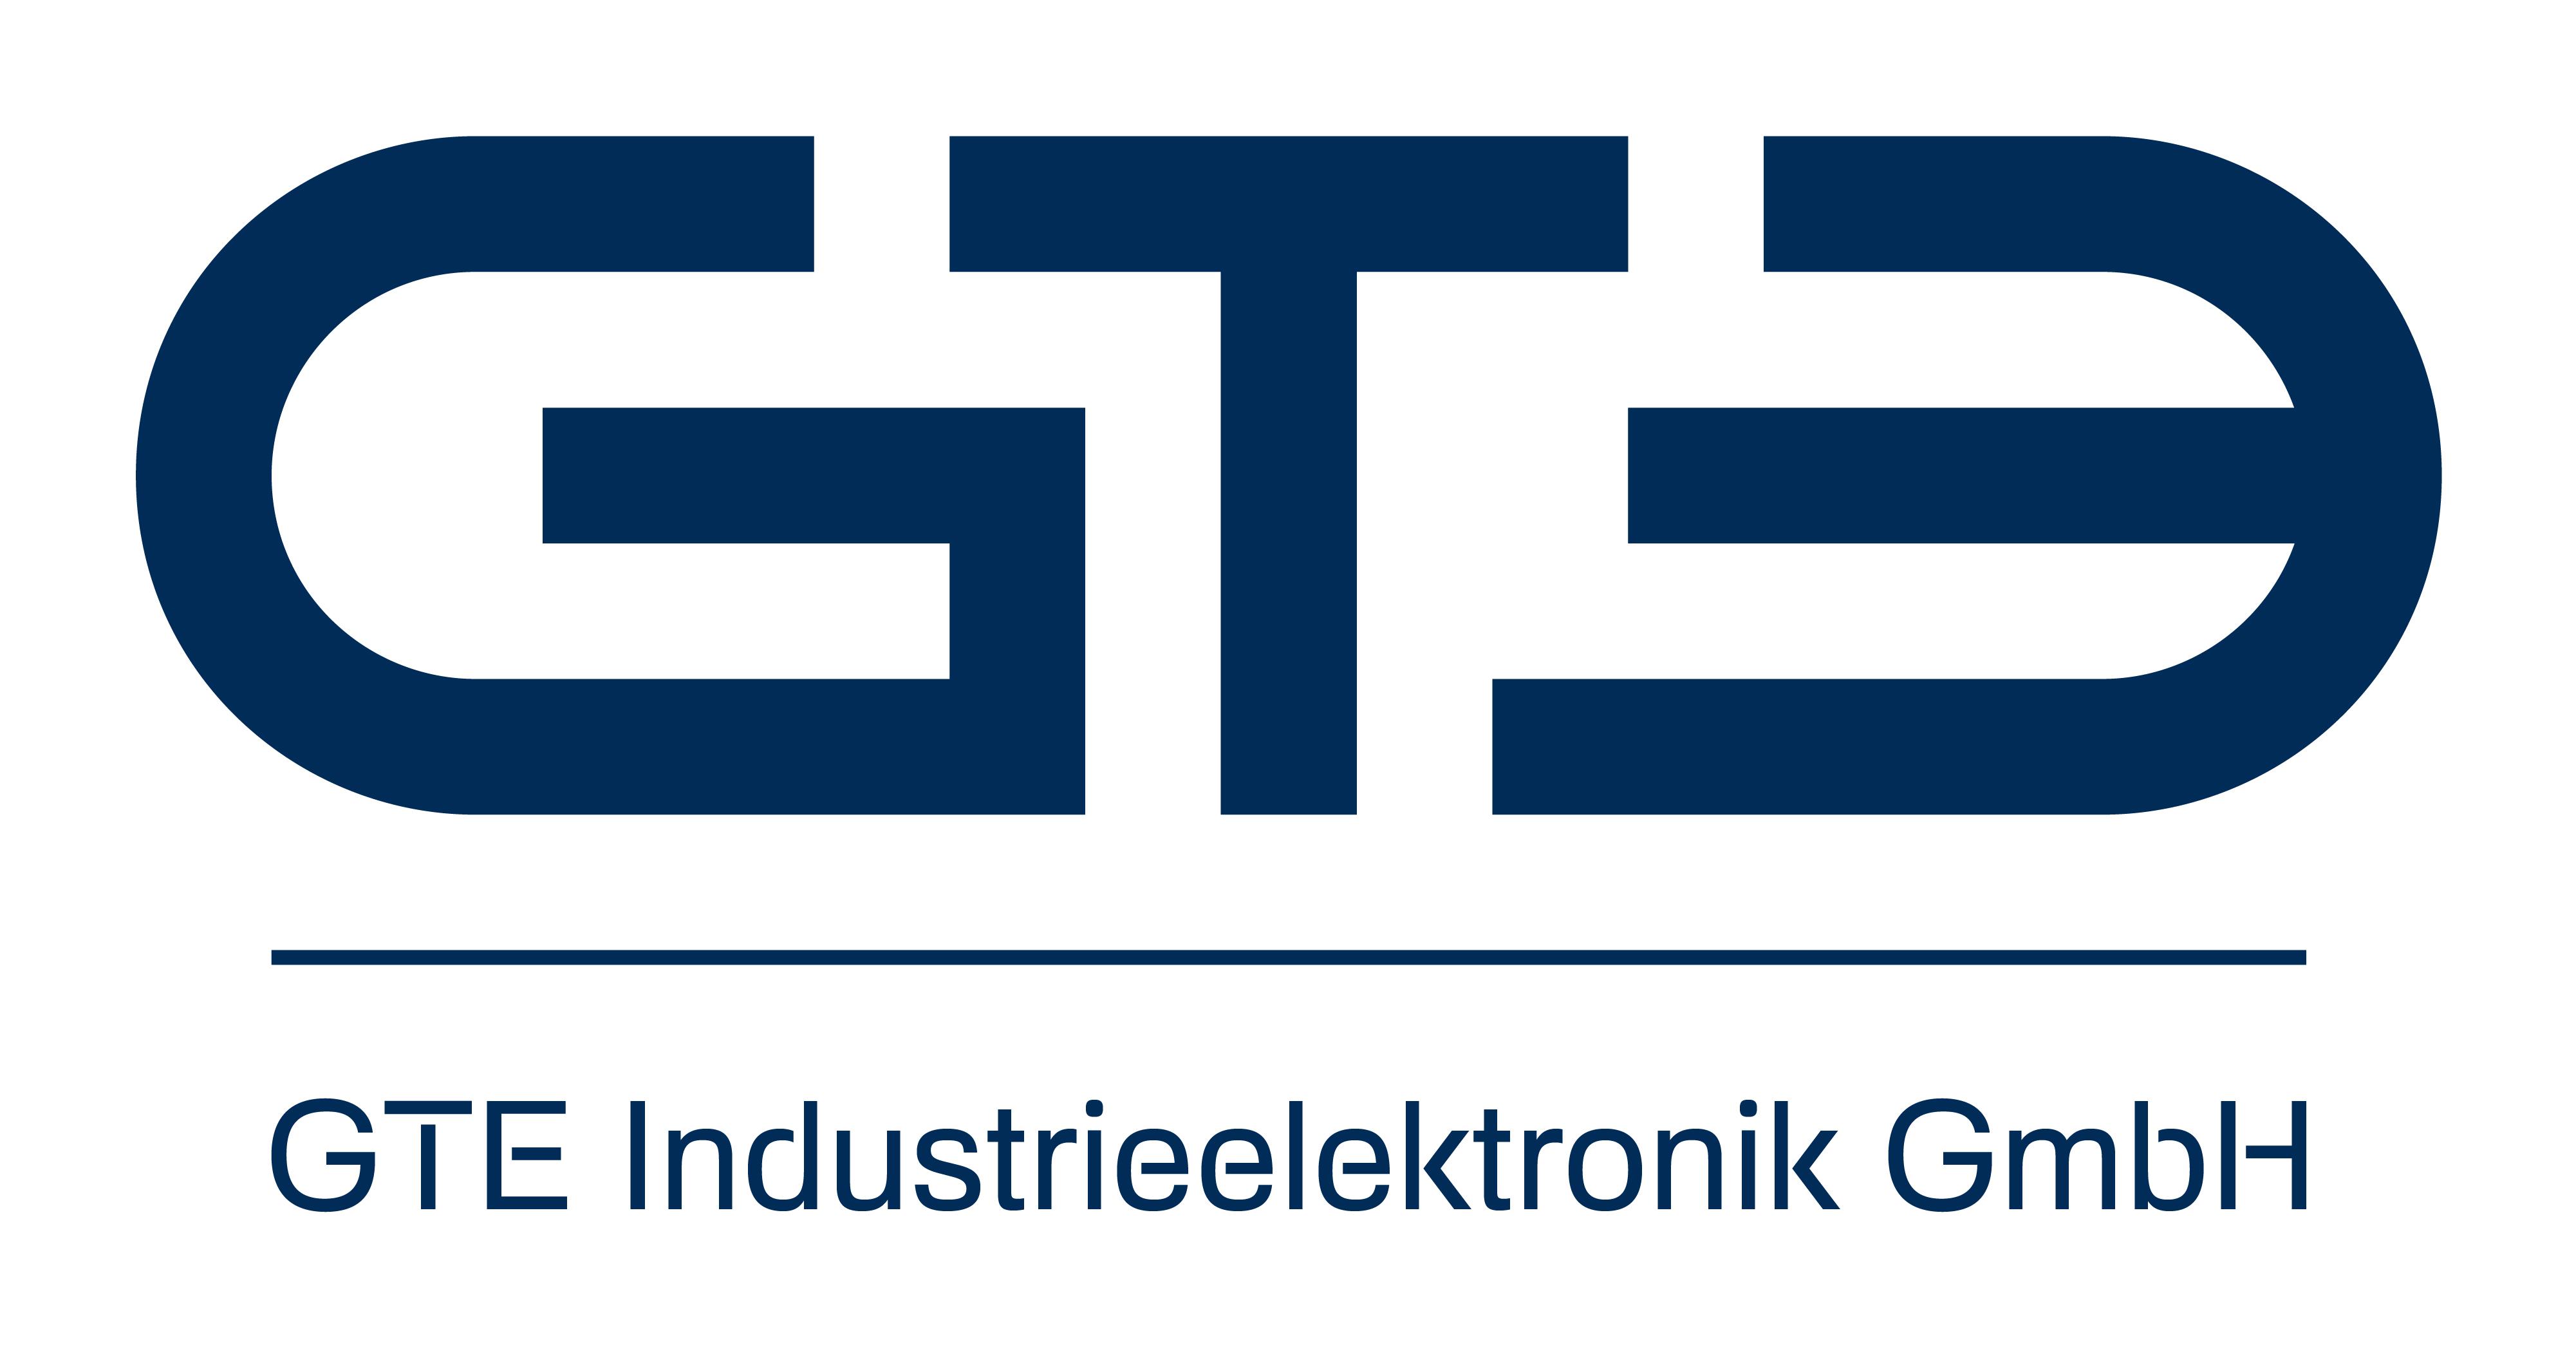 Unternehmens-Logo von GTE Industrieelektronik GmbH